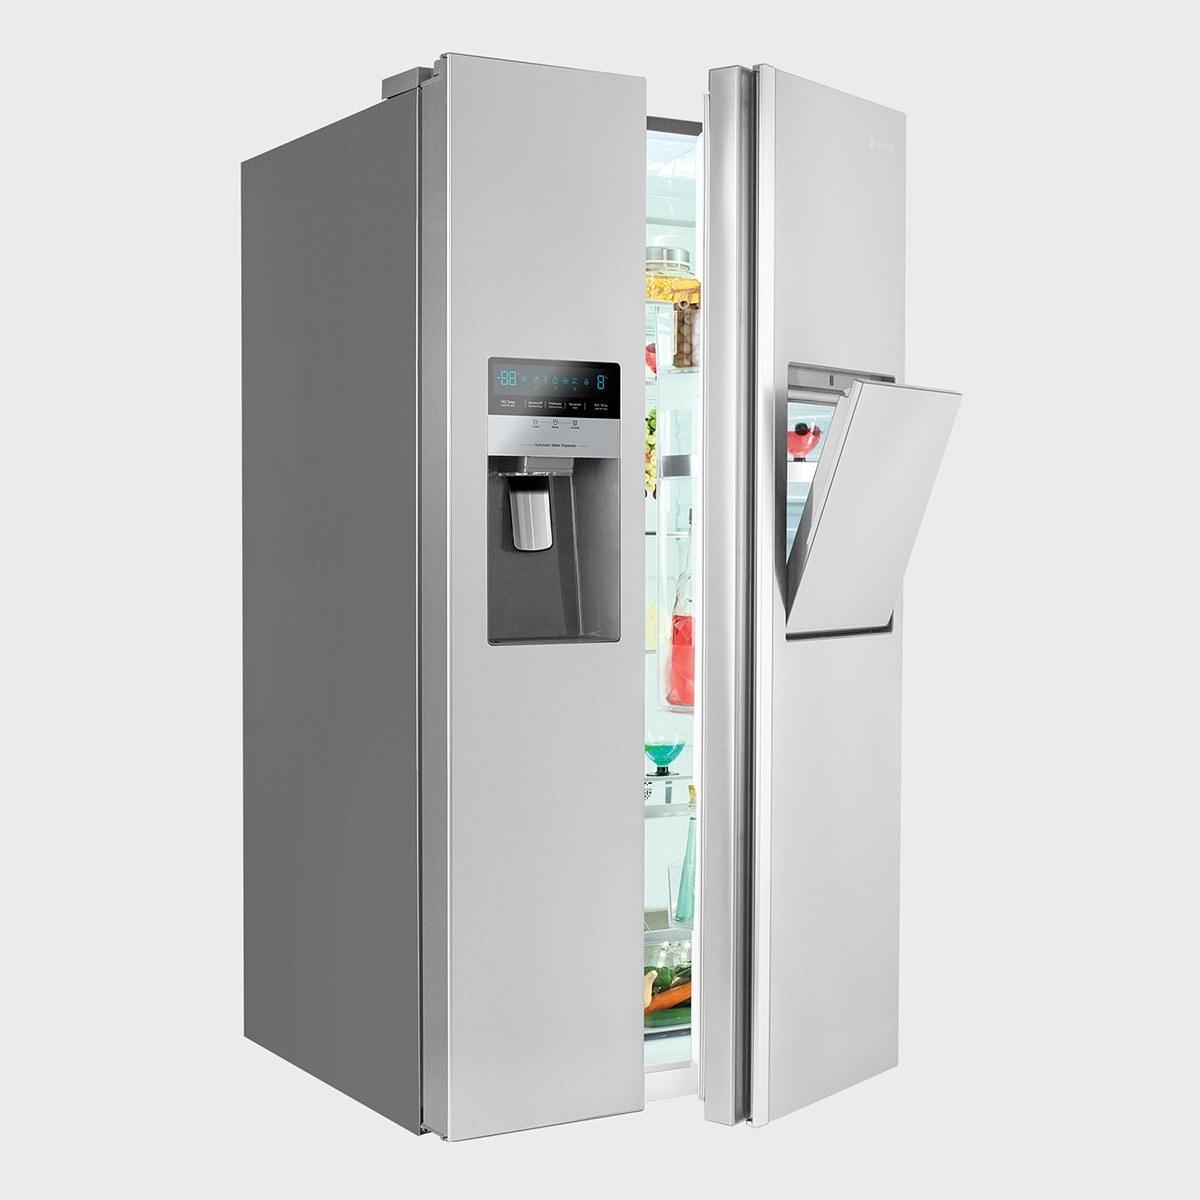 تصویر یخچال ساید بای ساید اسنوا مدل S8-2322GW سری هایپر S8-2322GW